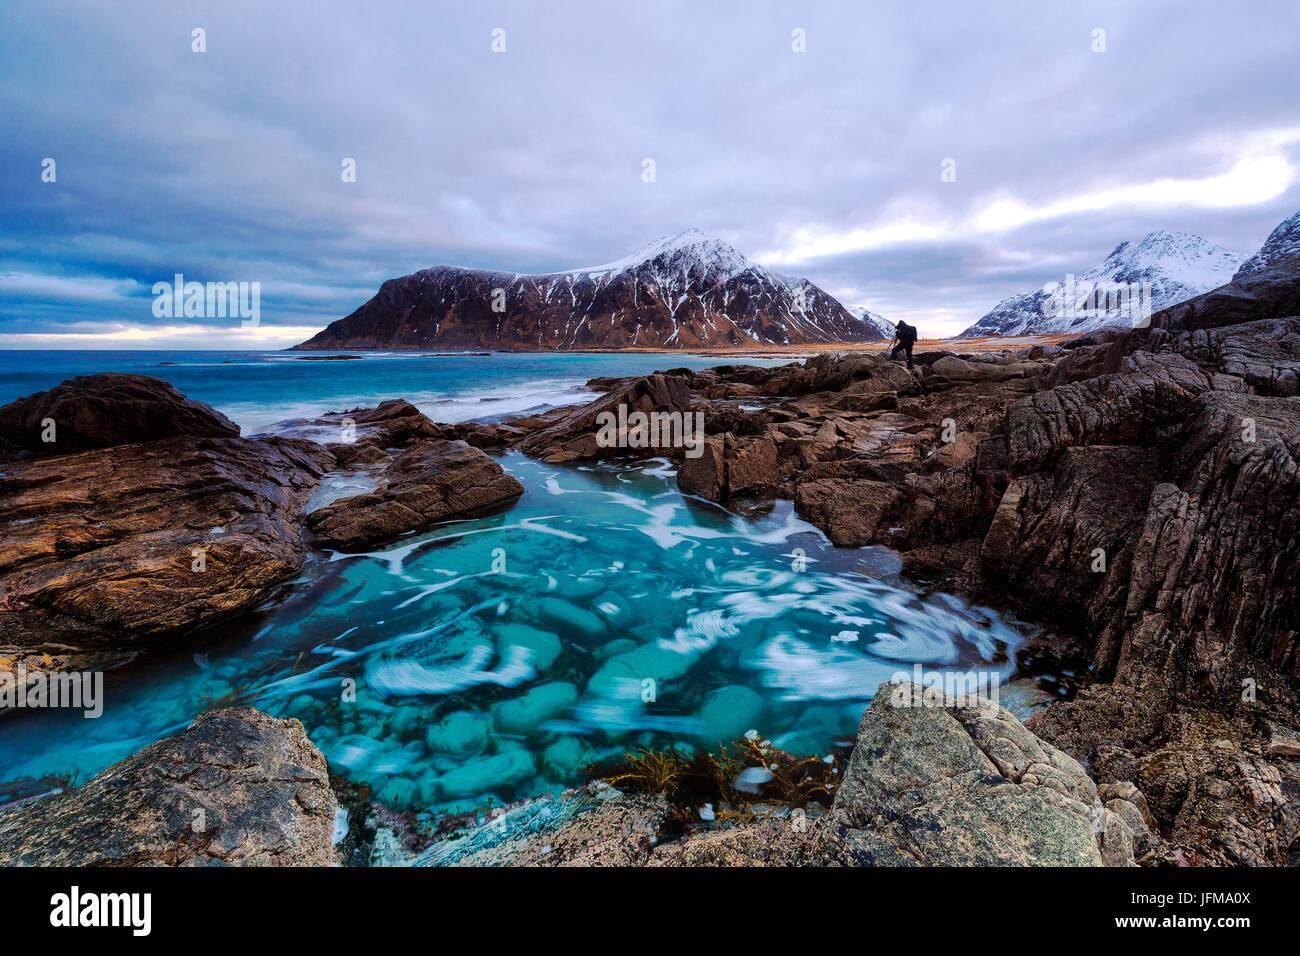 Flakstad plage avec Hustinden pic dans l'arrière-plan, îles Lofoten, Norvège Photo Stock